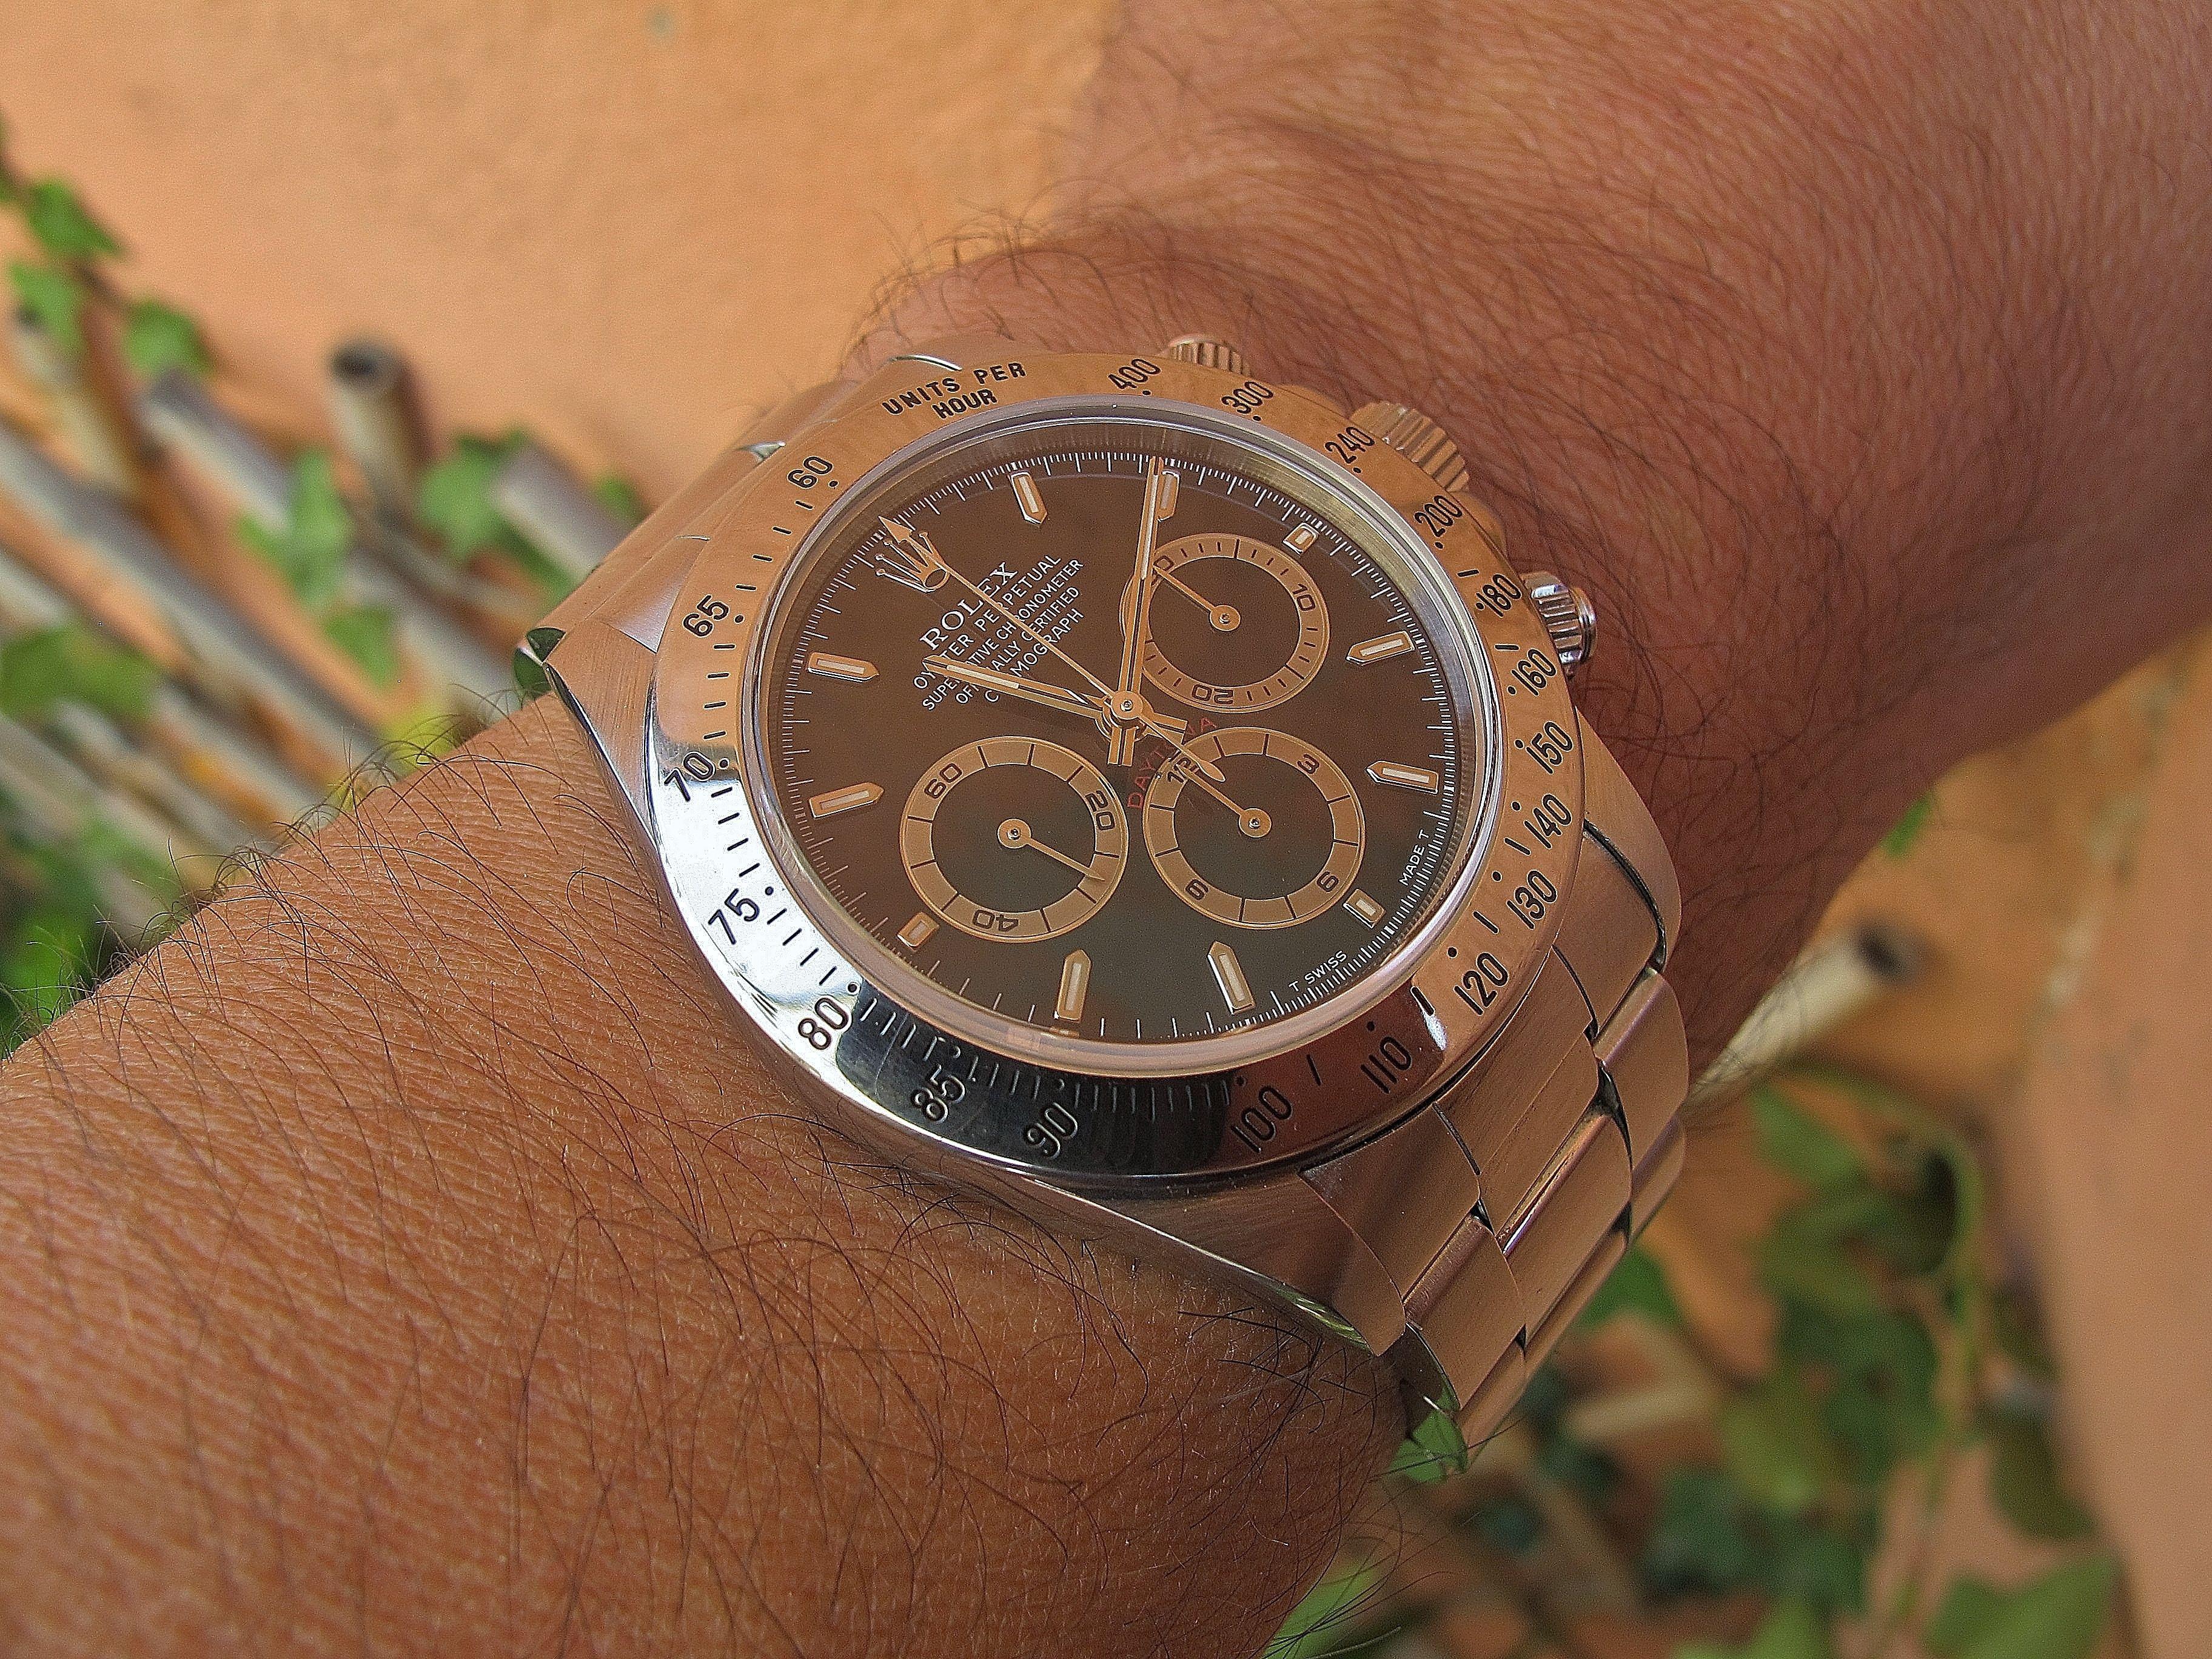 La montre du vendredi 12 avril 2013 Img1437kf